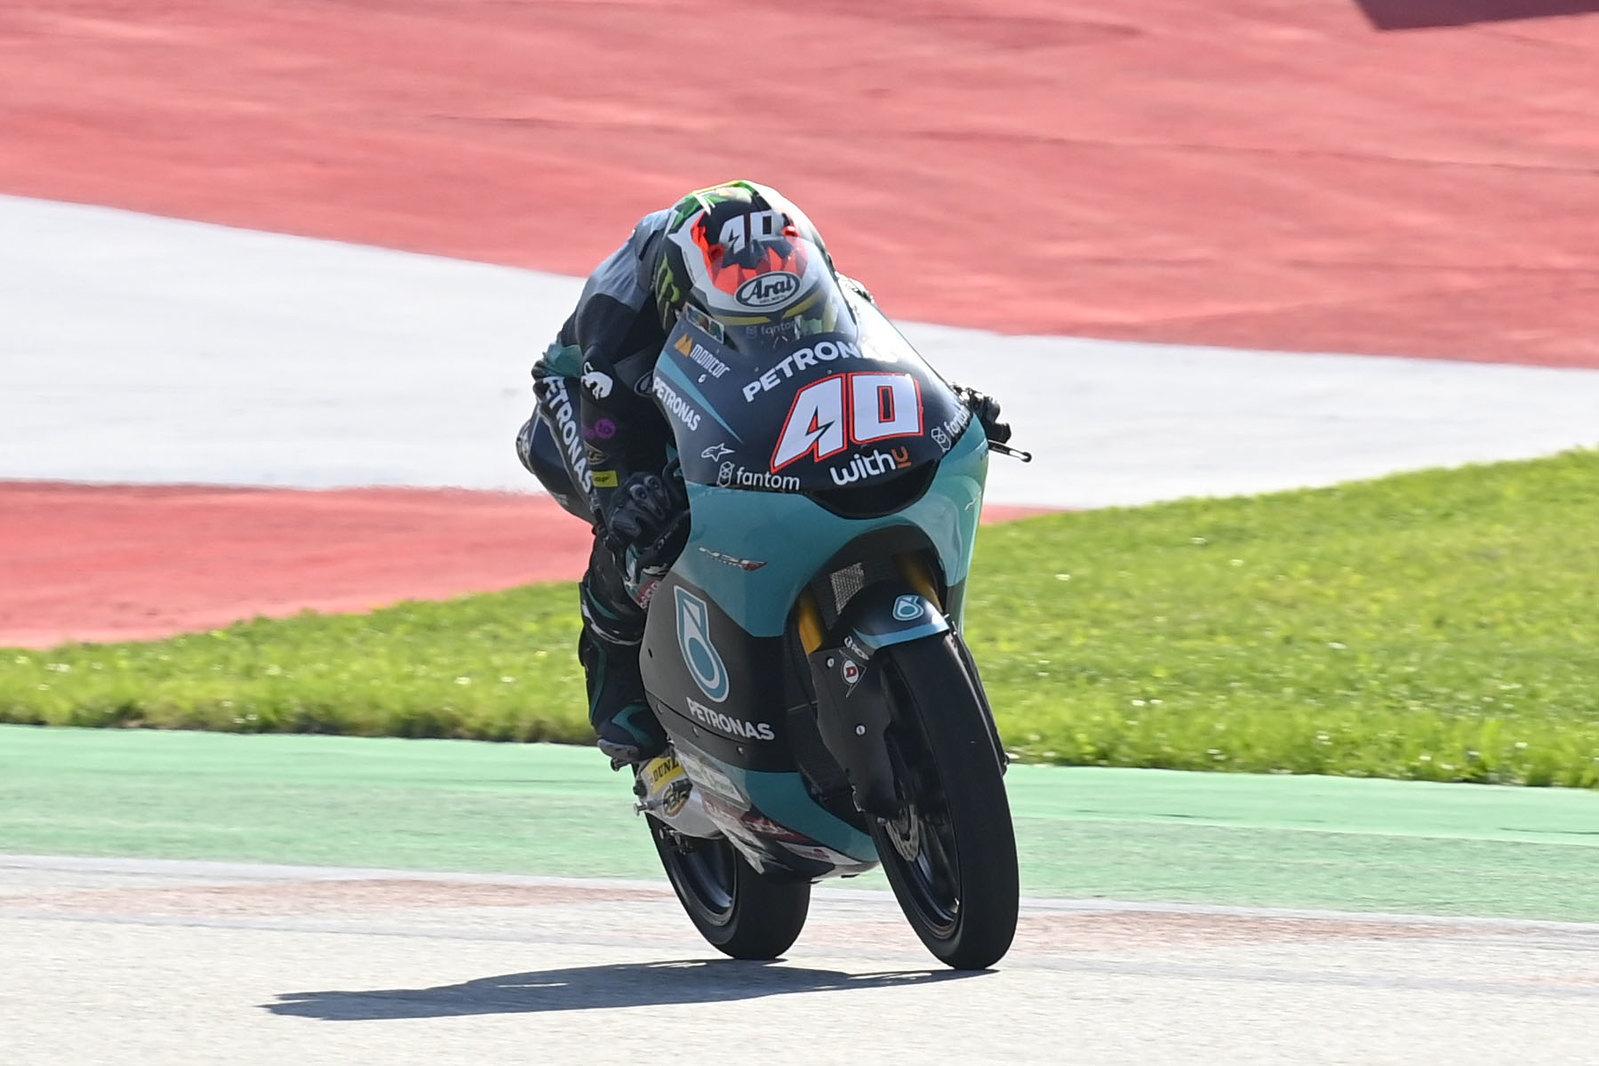 Clasificación combinada del viernes en Moto3: Darryn Binder lidera, Acosta tercero.